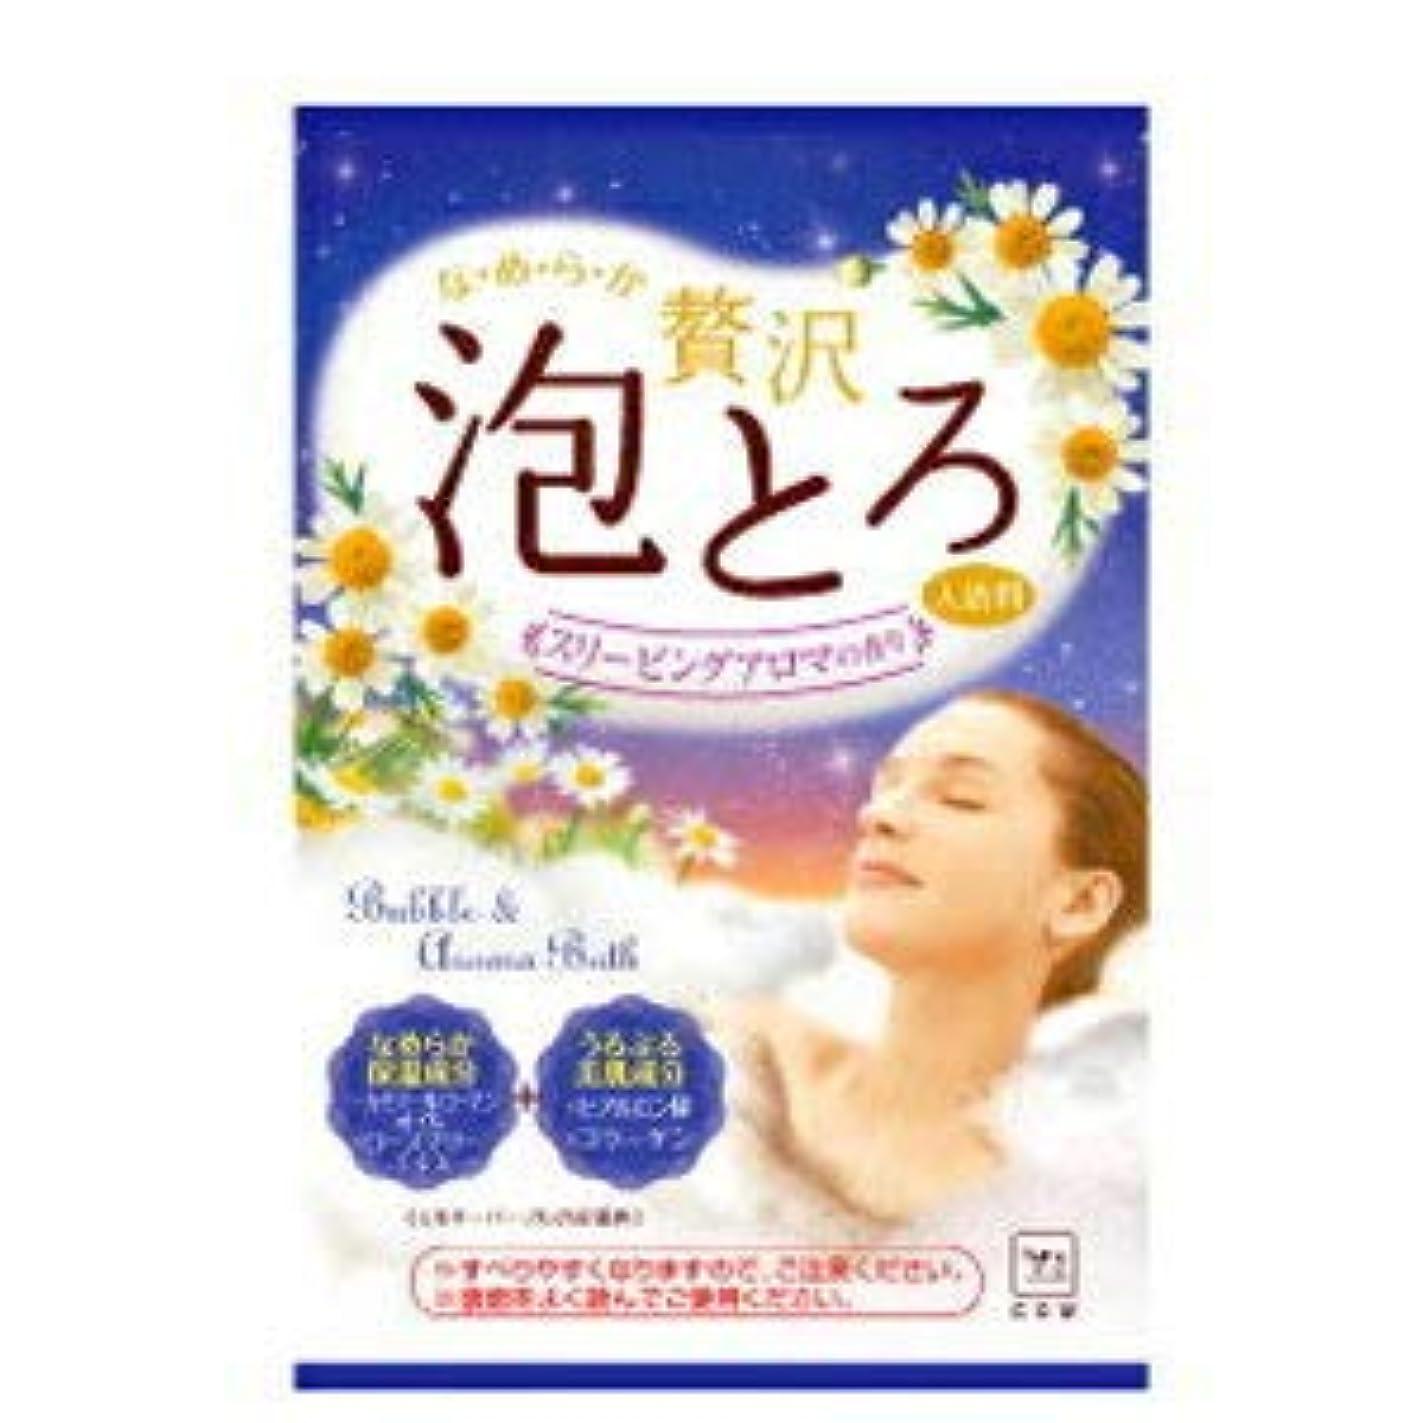 送料読む多様な牛乳石鹸 お湯物語 贅沢泡とろ 入浴料 スリーピングアロマ 30g 16個セット